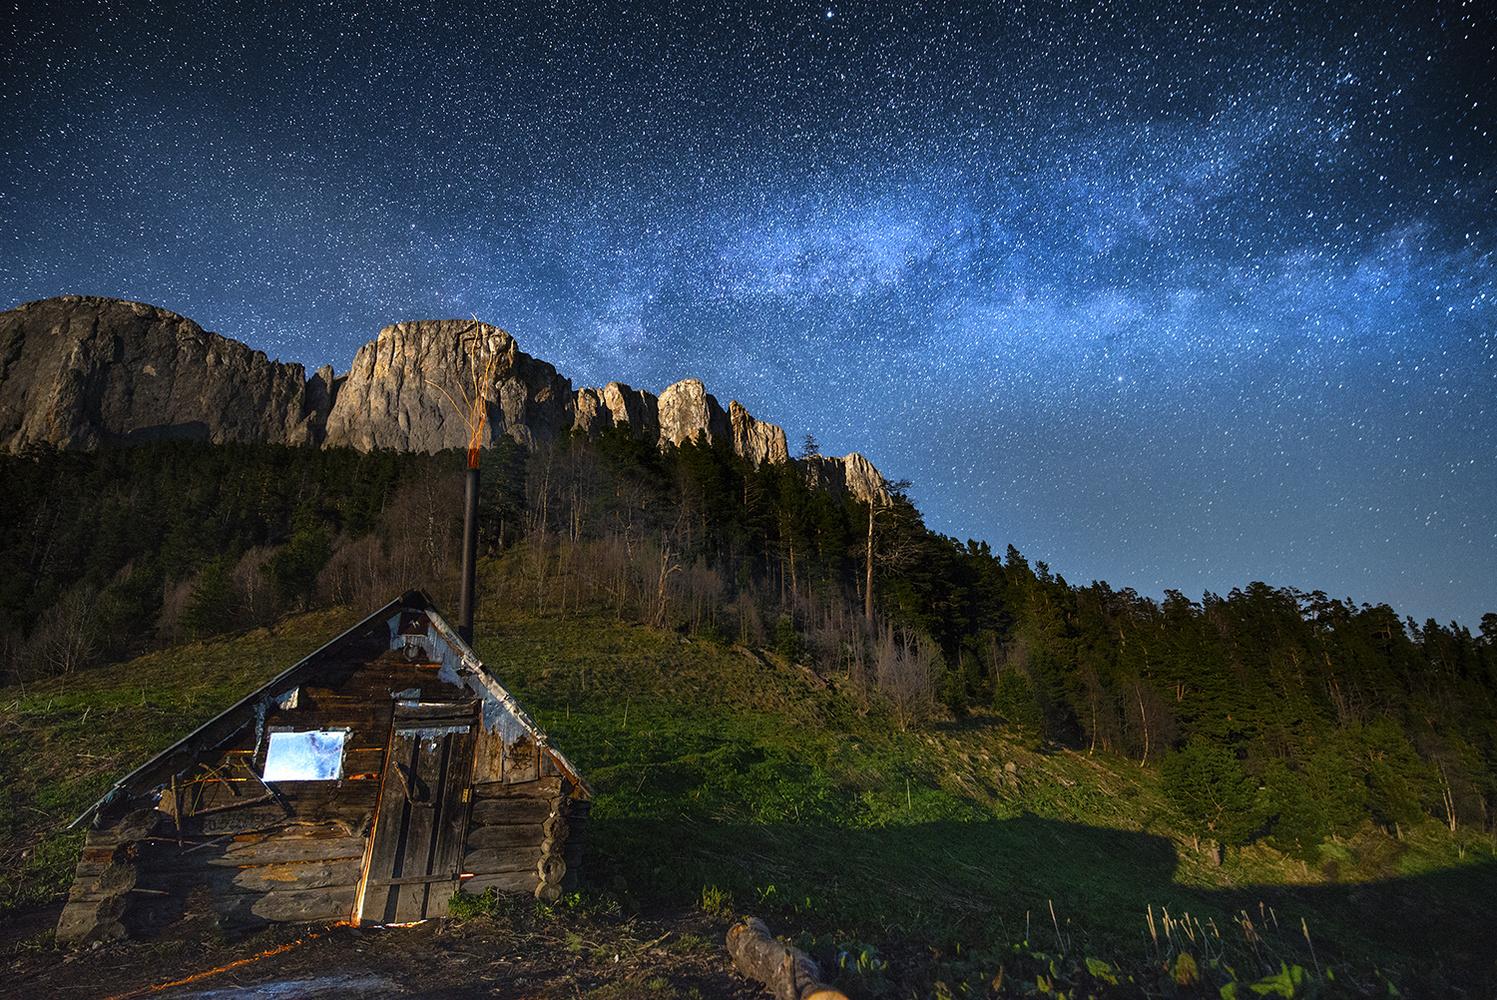 Parc naturel du Grand Tkhatch by Dmitry A